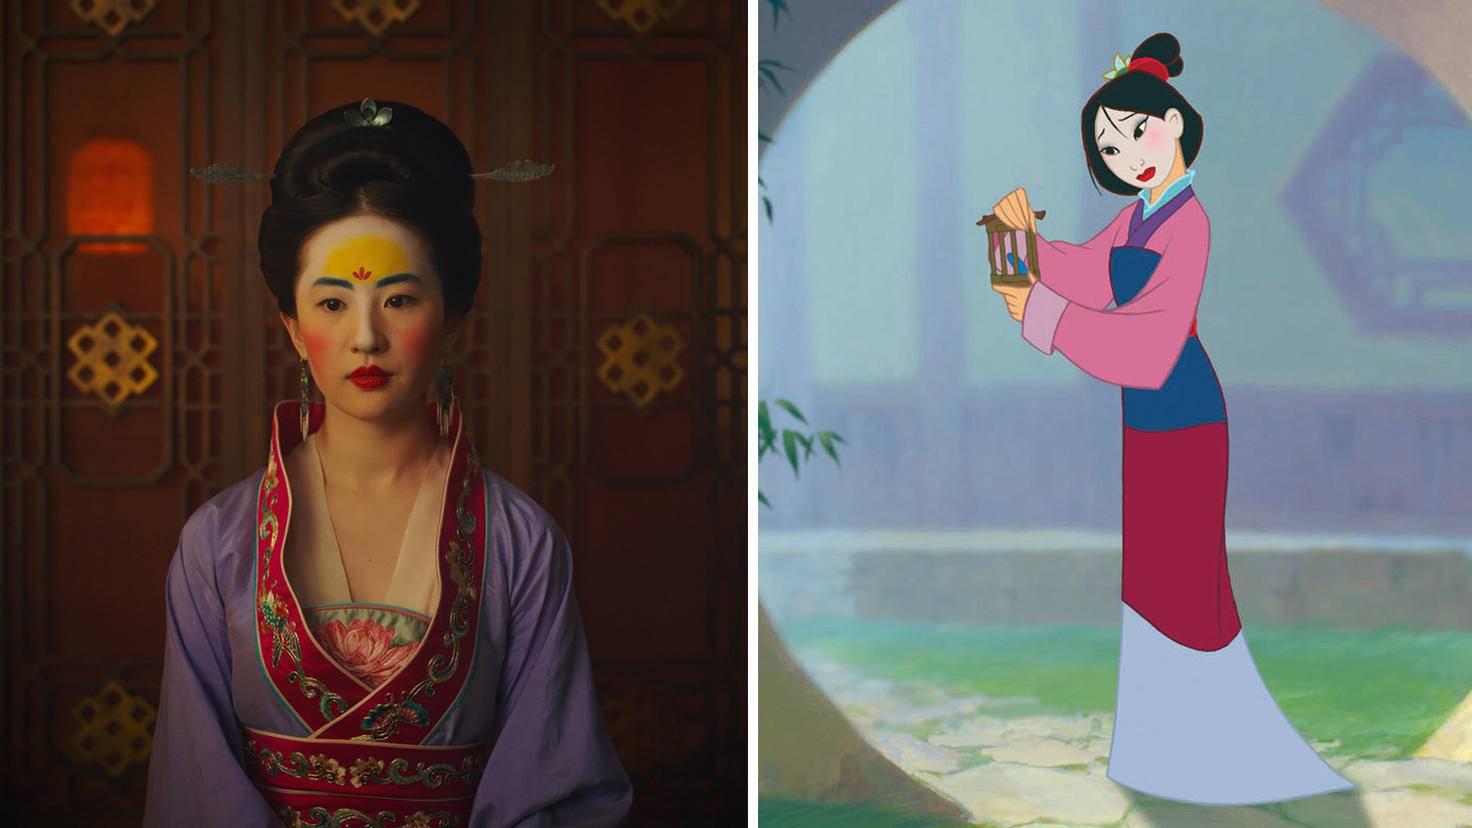 Das Braut-Make-up von Mulan fällt in der Realverfilmung deutlich bunter aus als im Animationsfilm.